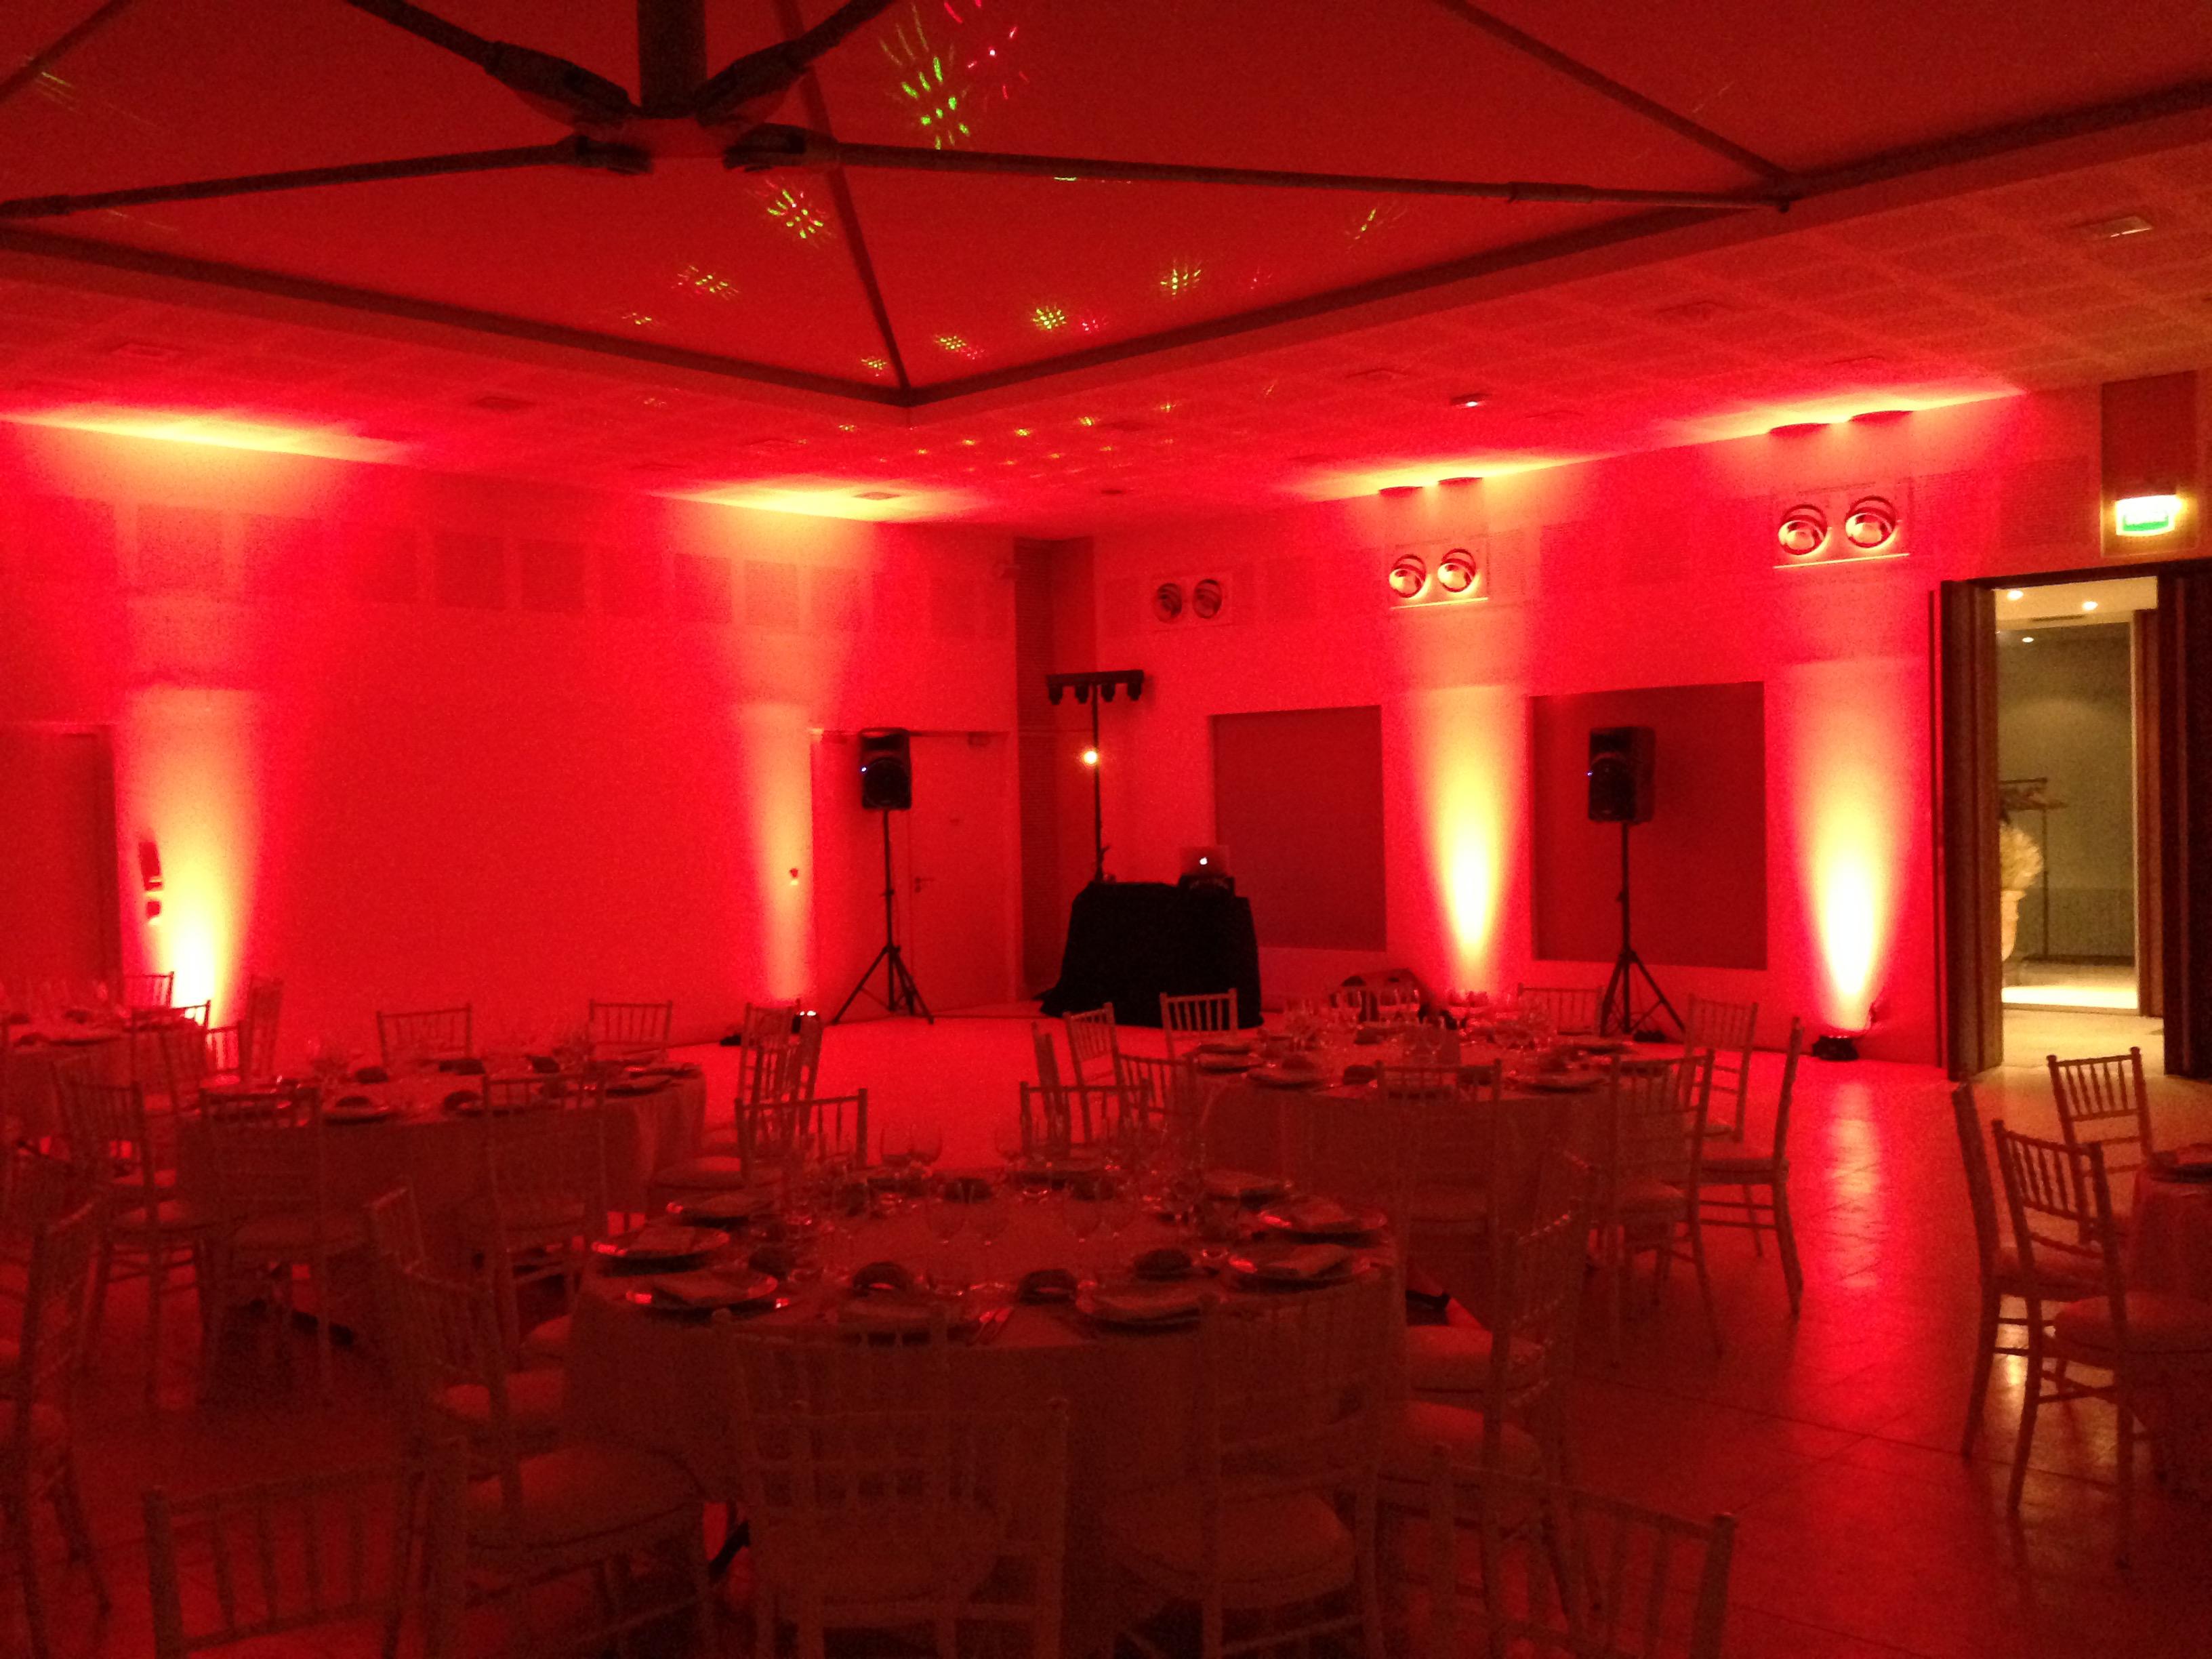 Chateau Luchey Halde, en rouge